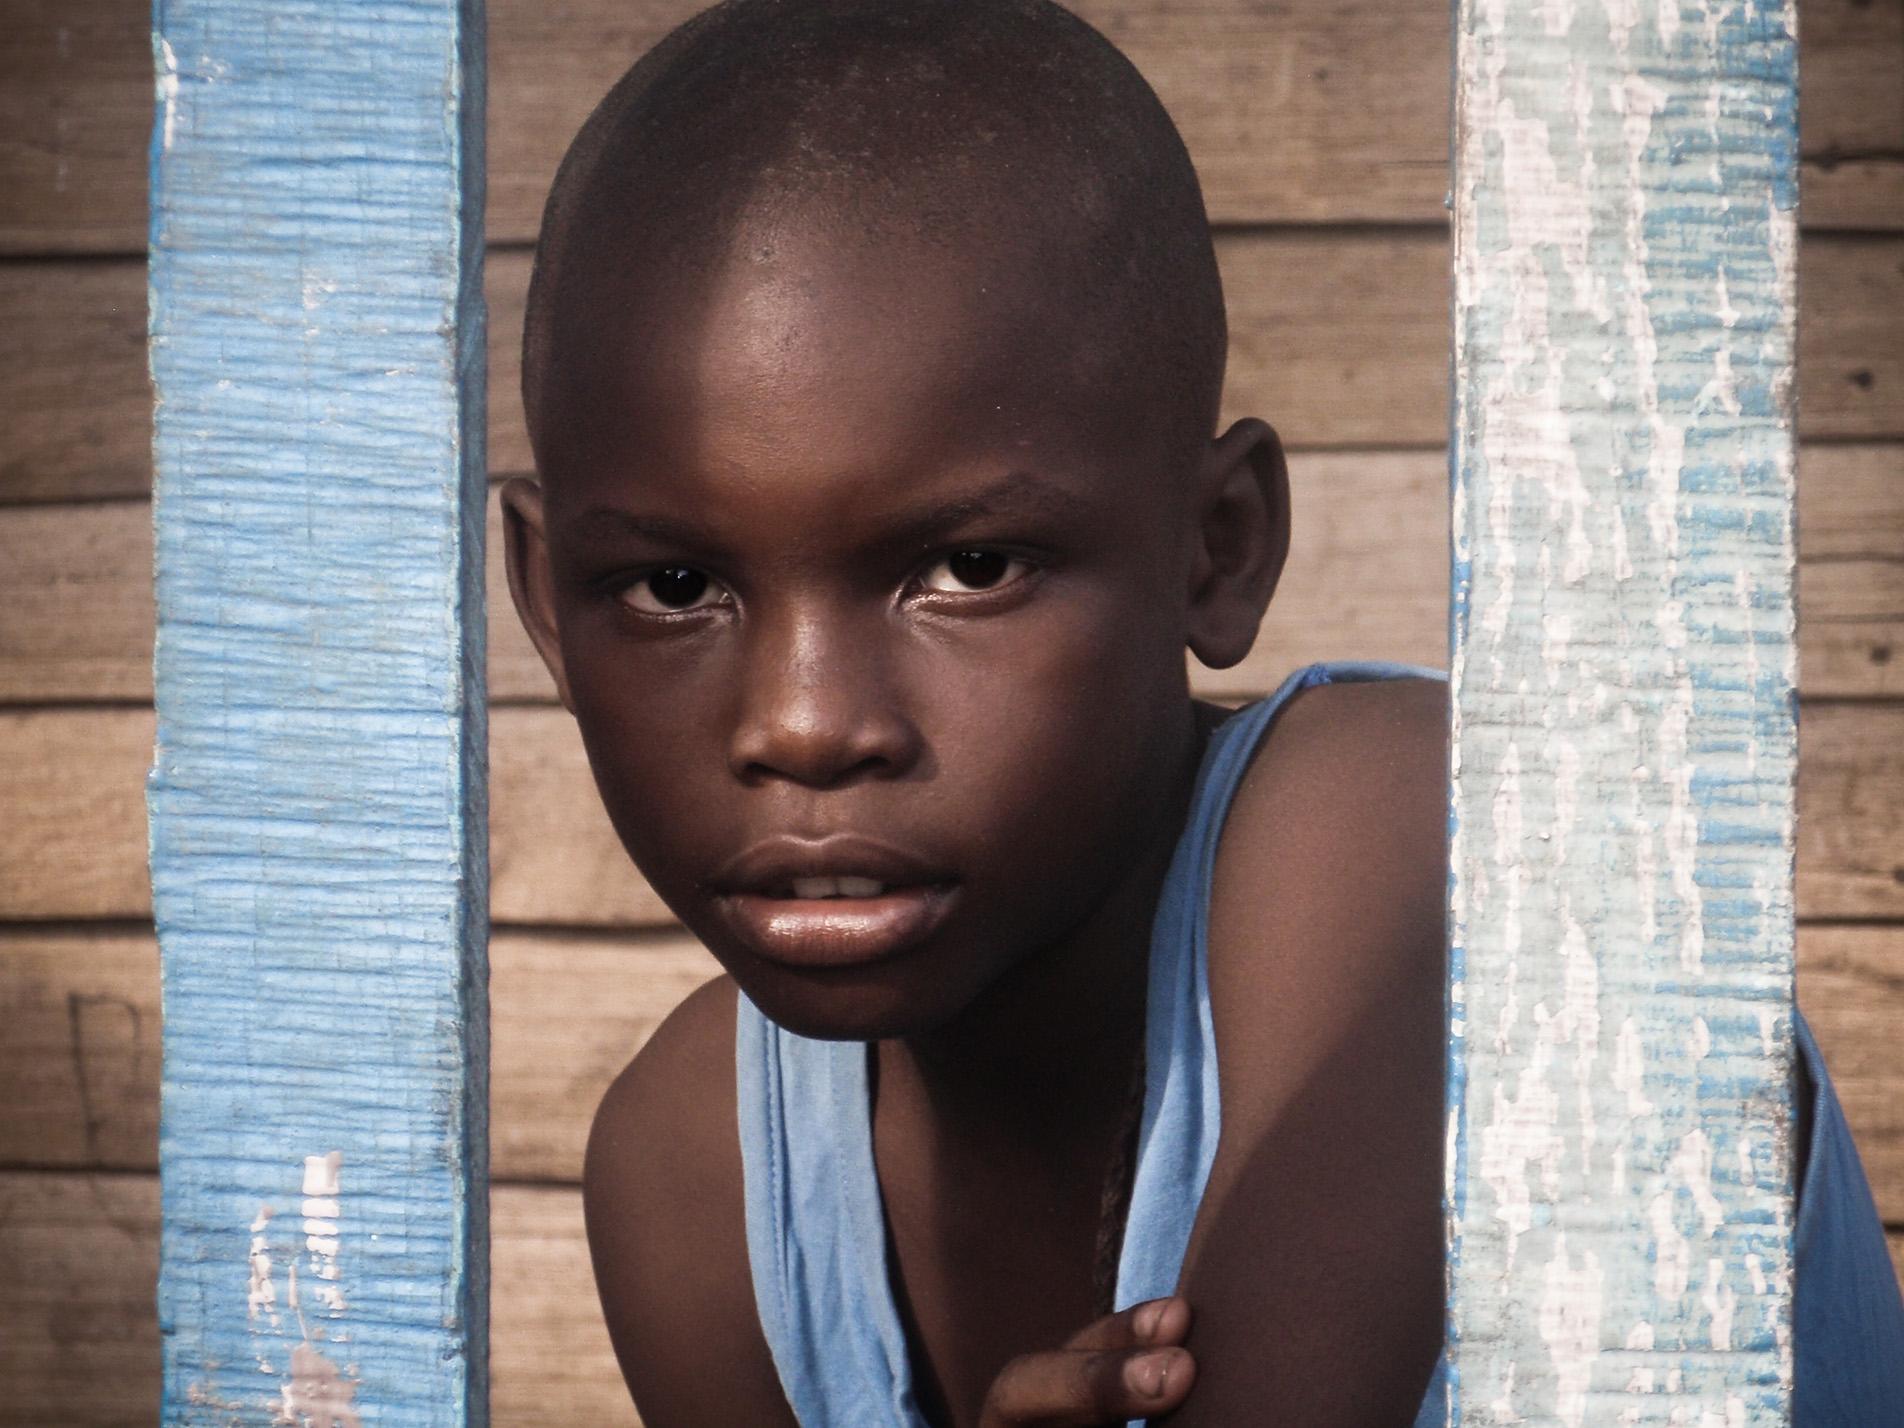 Le Free Spirit soutient un orphelinat au Congo, l'orphelinat Coeur Celeste